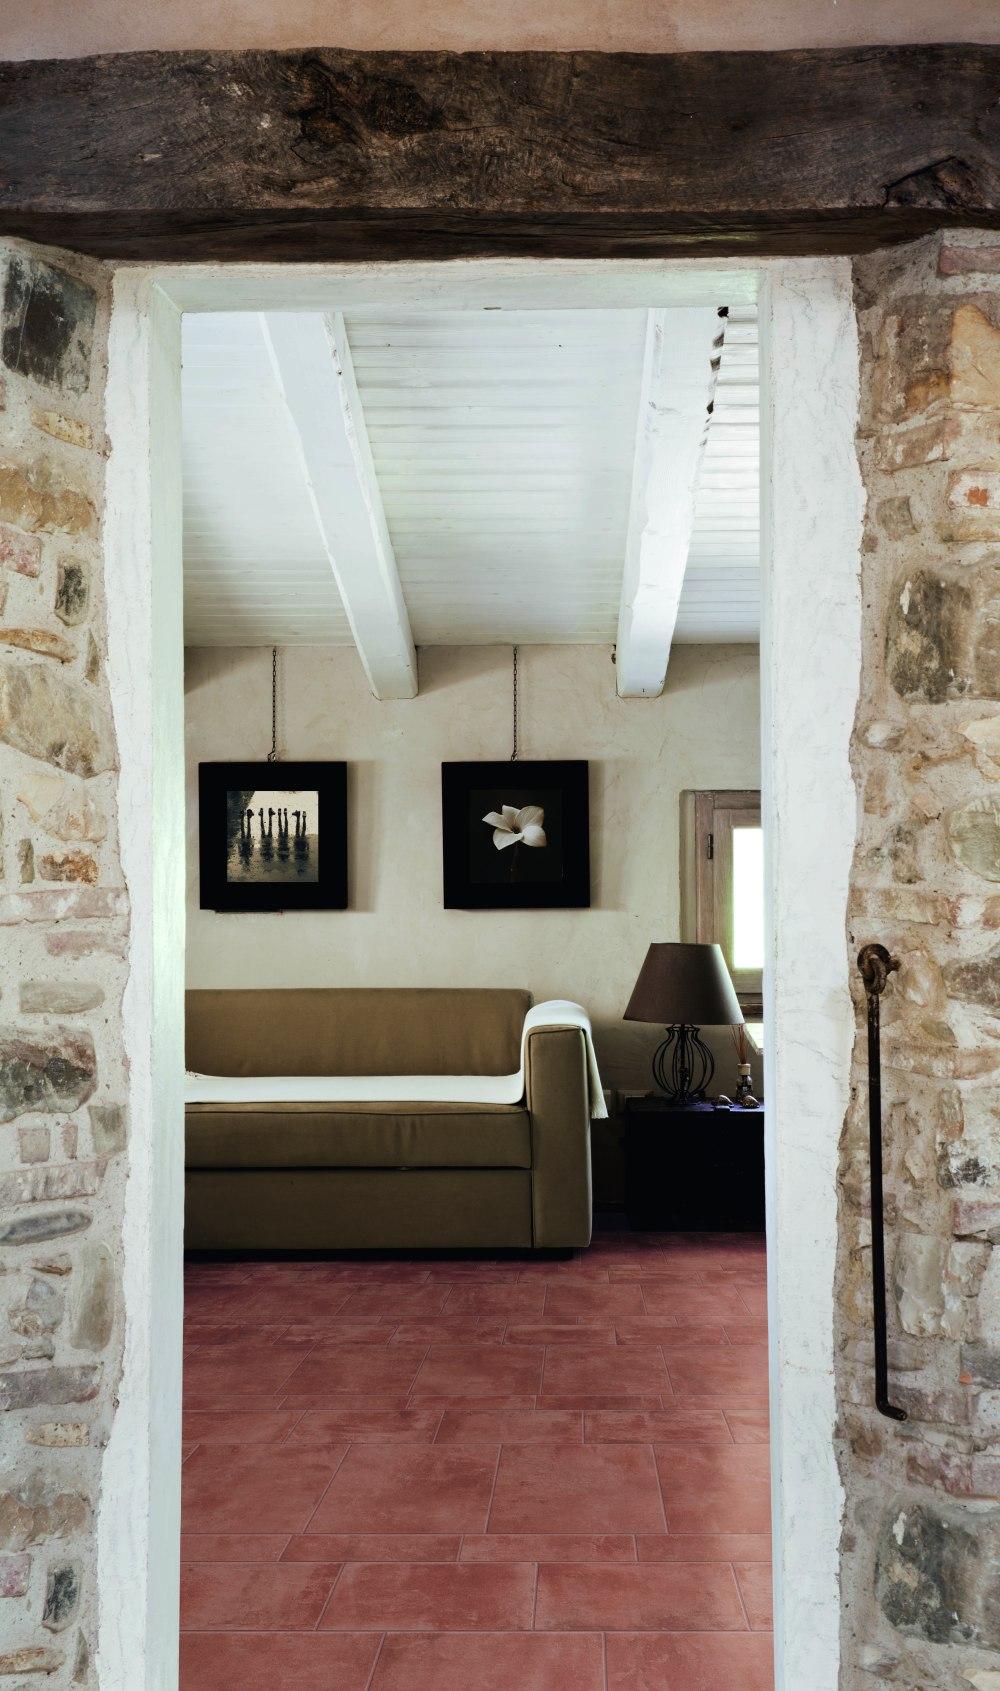 Kakeldaxgruppen-vy mot vardagsrum med cotti d'italia på golvet, ljusa väggar och soffa